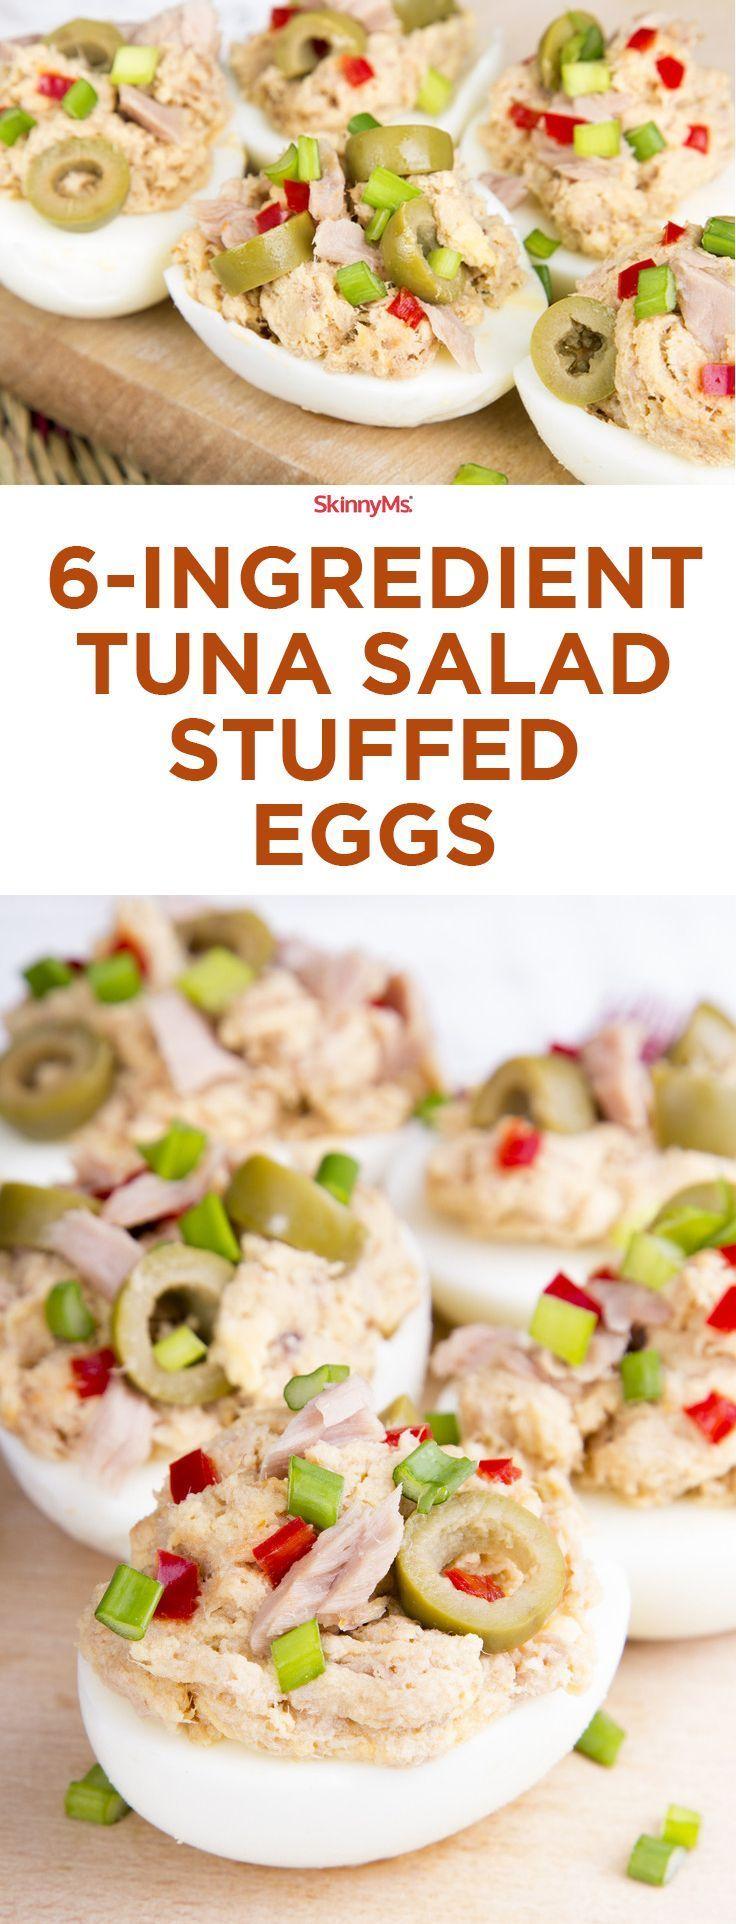 how to prepare healthy tuna salad